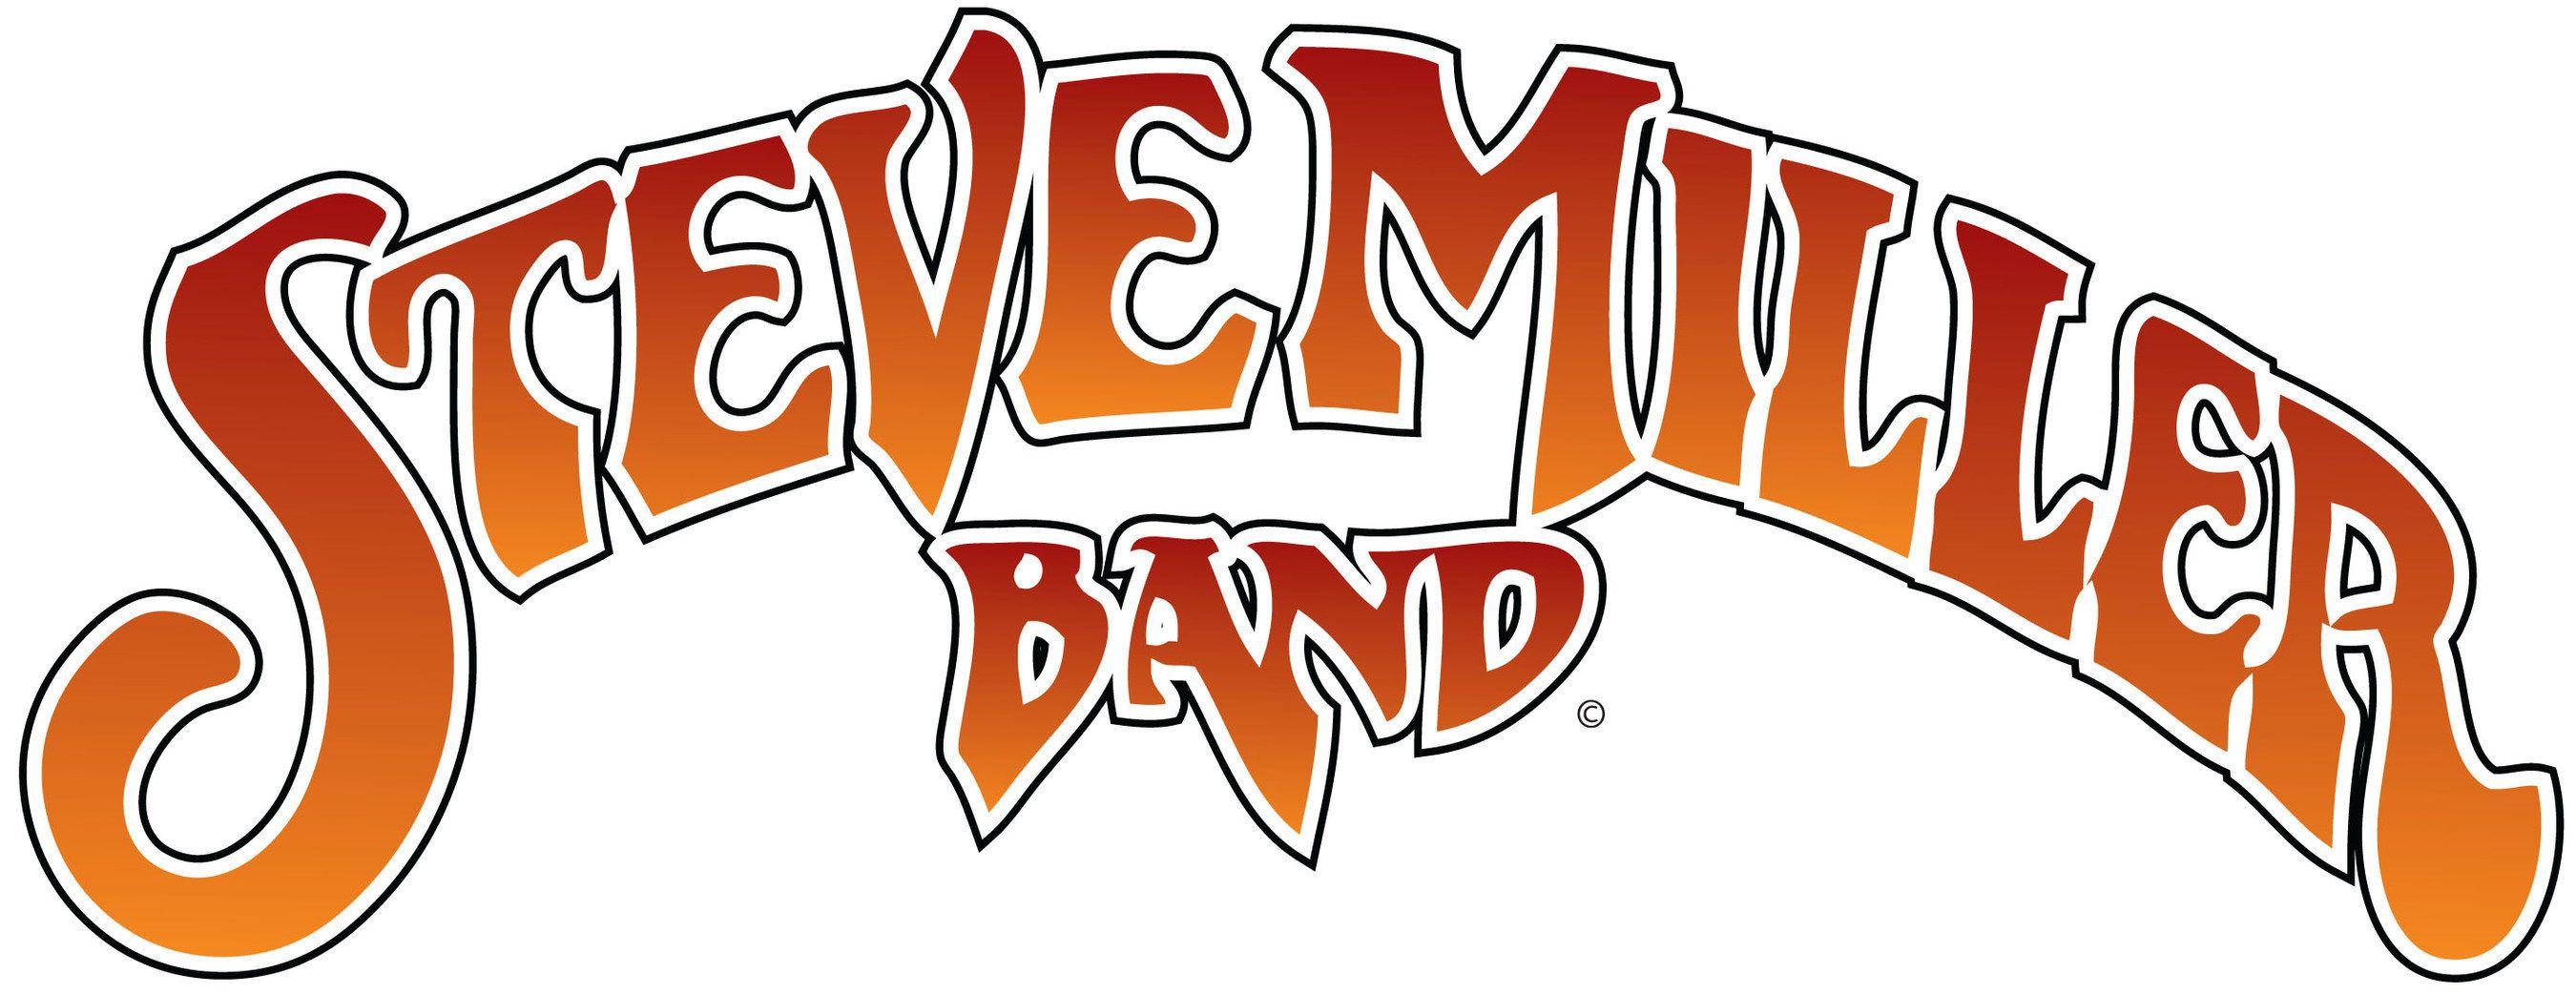 Steve Miller band logo | Greatest Band Logos ever | Steve